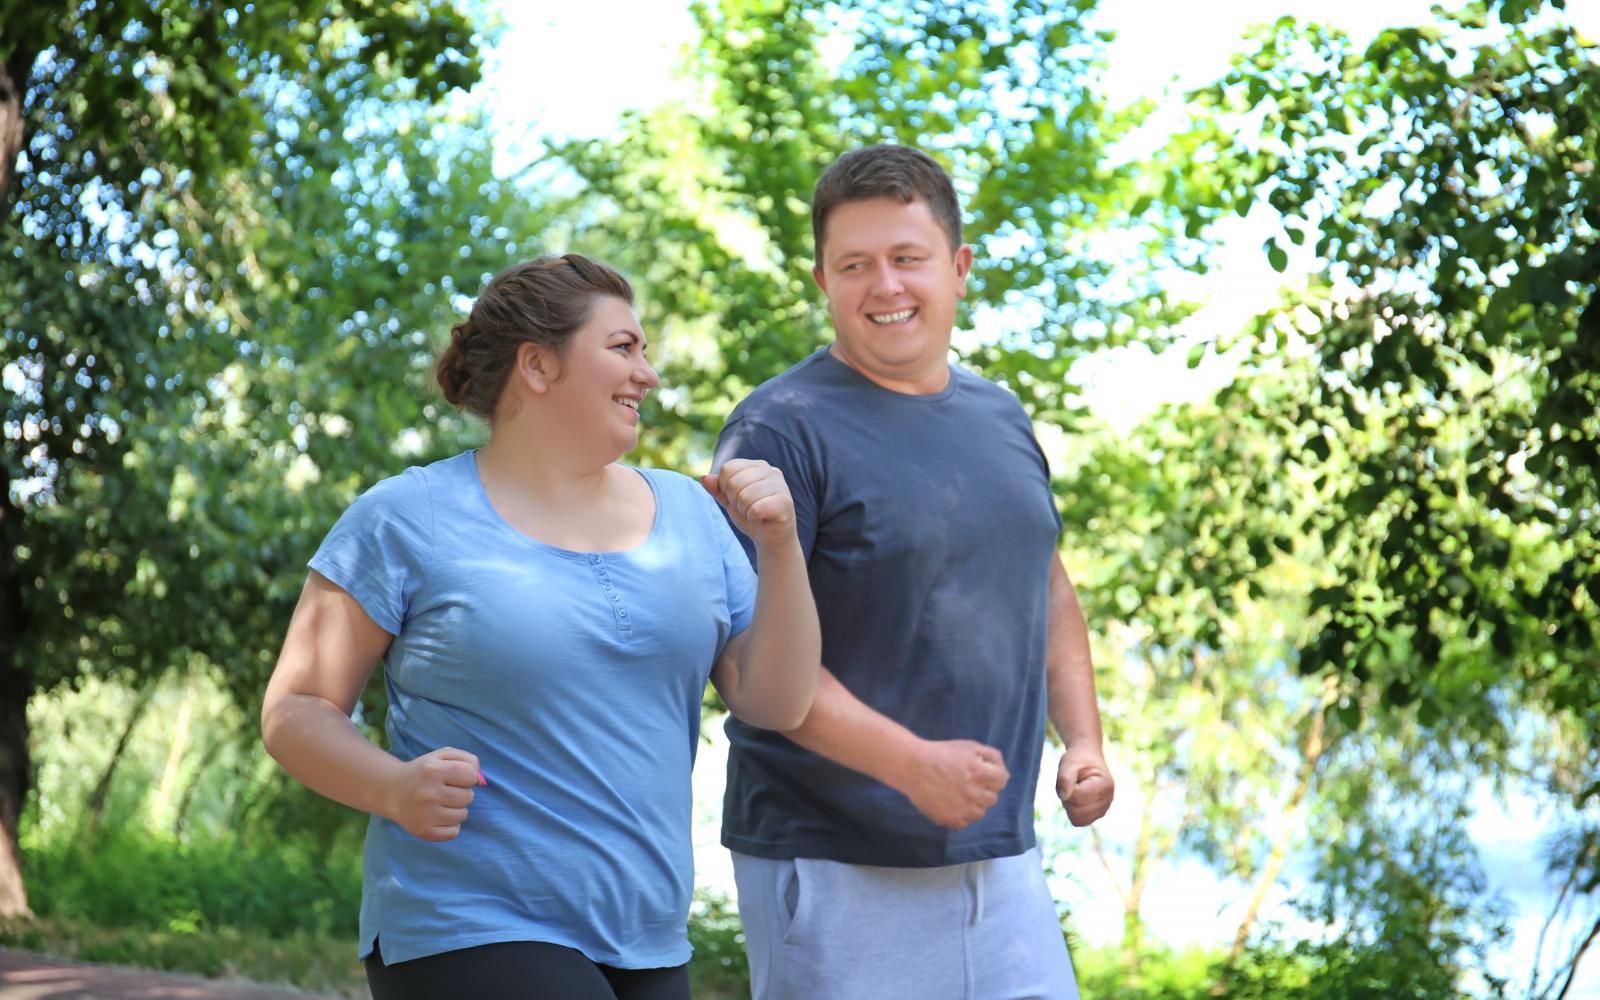 Kiderült: ezért fogynak gyorsabban és könnyebben a férfiak | Well&fit